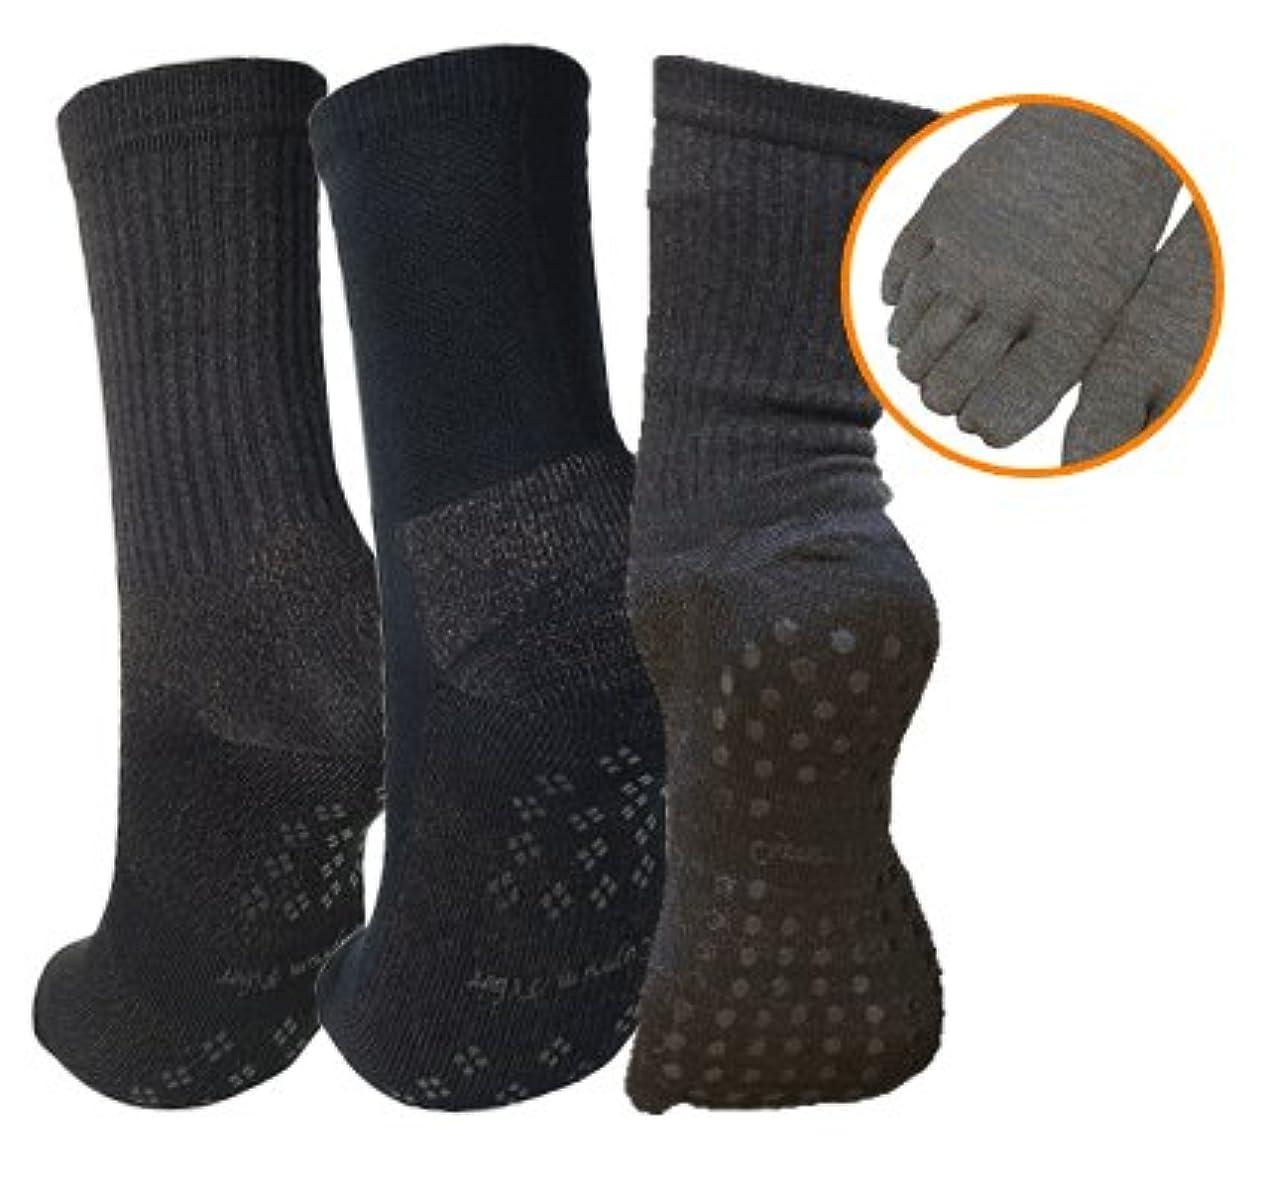 明らか積分防腐剤銅繊維靴下「足もとはいつも青春」 女性専用お得お試し3点セット 【しもやけ対策に】